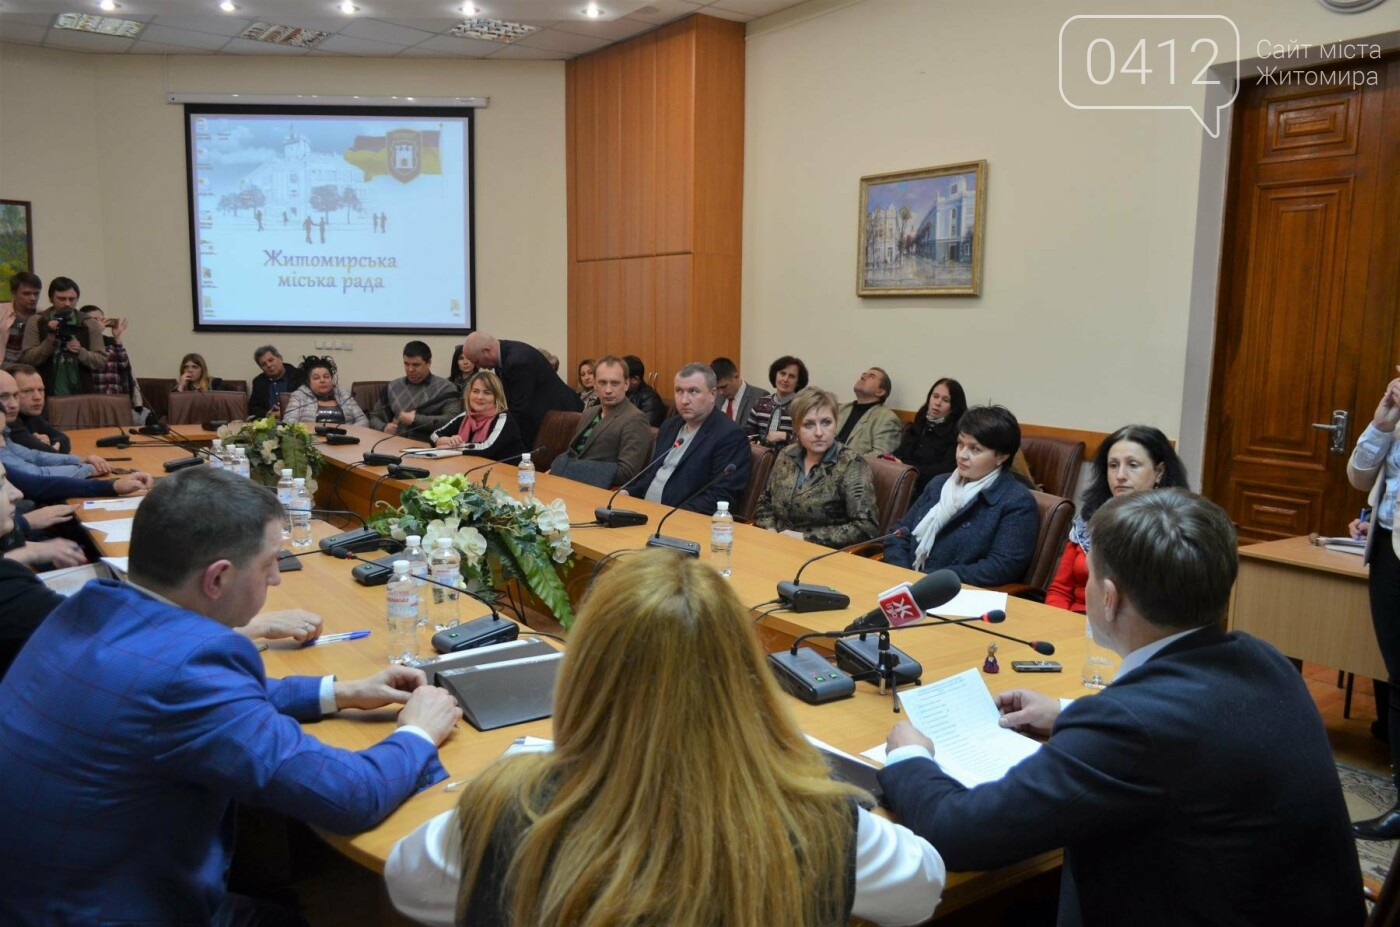 У Житомирі обрали членів Координаційної ради з питань бюджету участі, фото-4